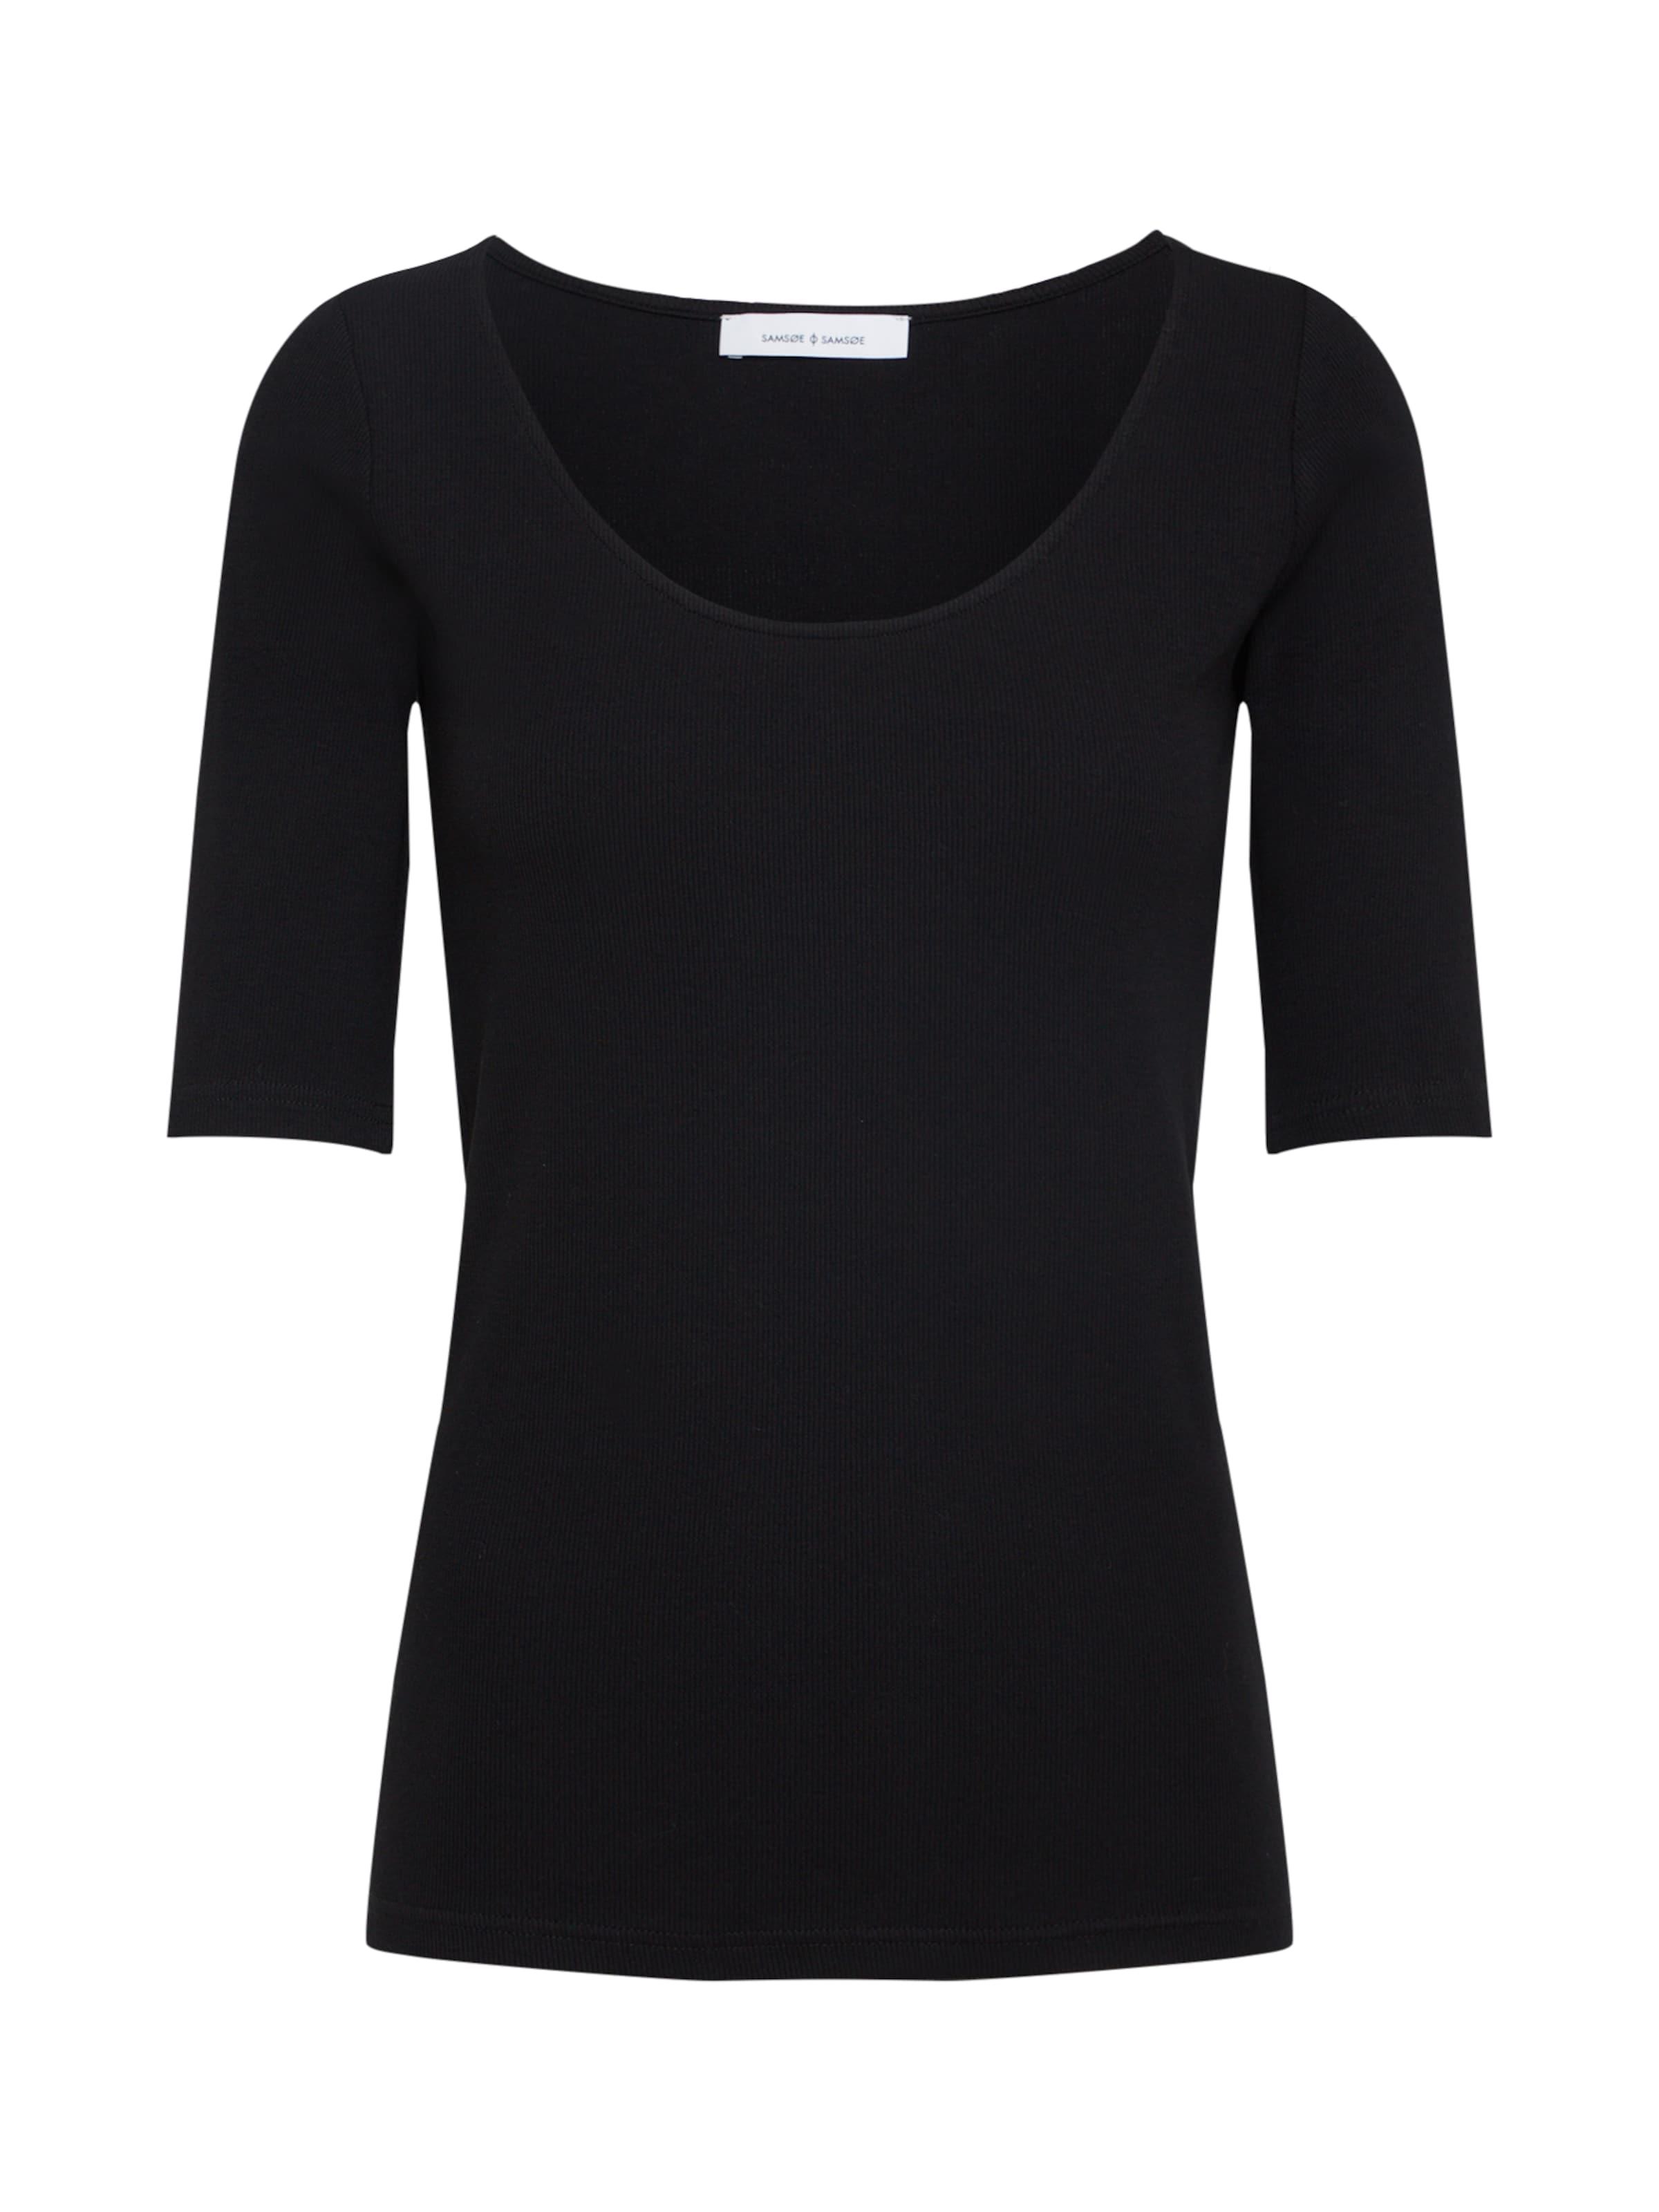 7542' shirt 'alexa T Tee Samsoe En Noir amp; wqC4x66nZ